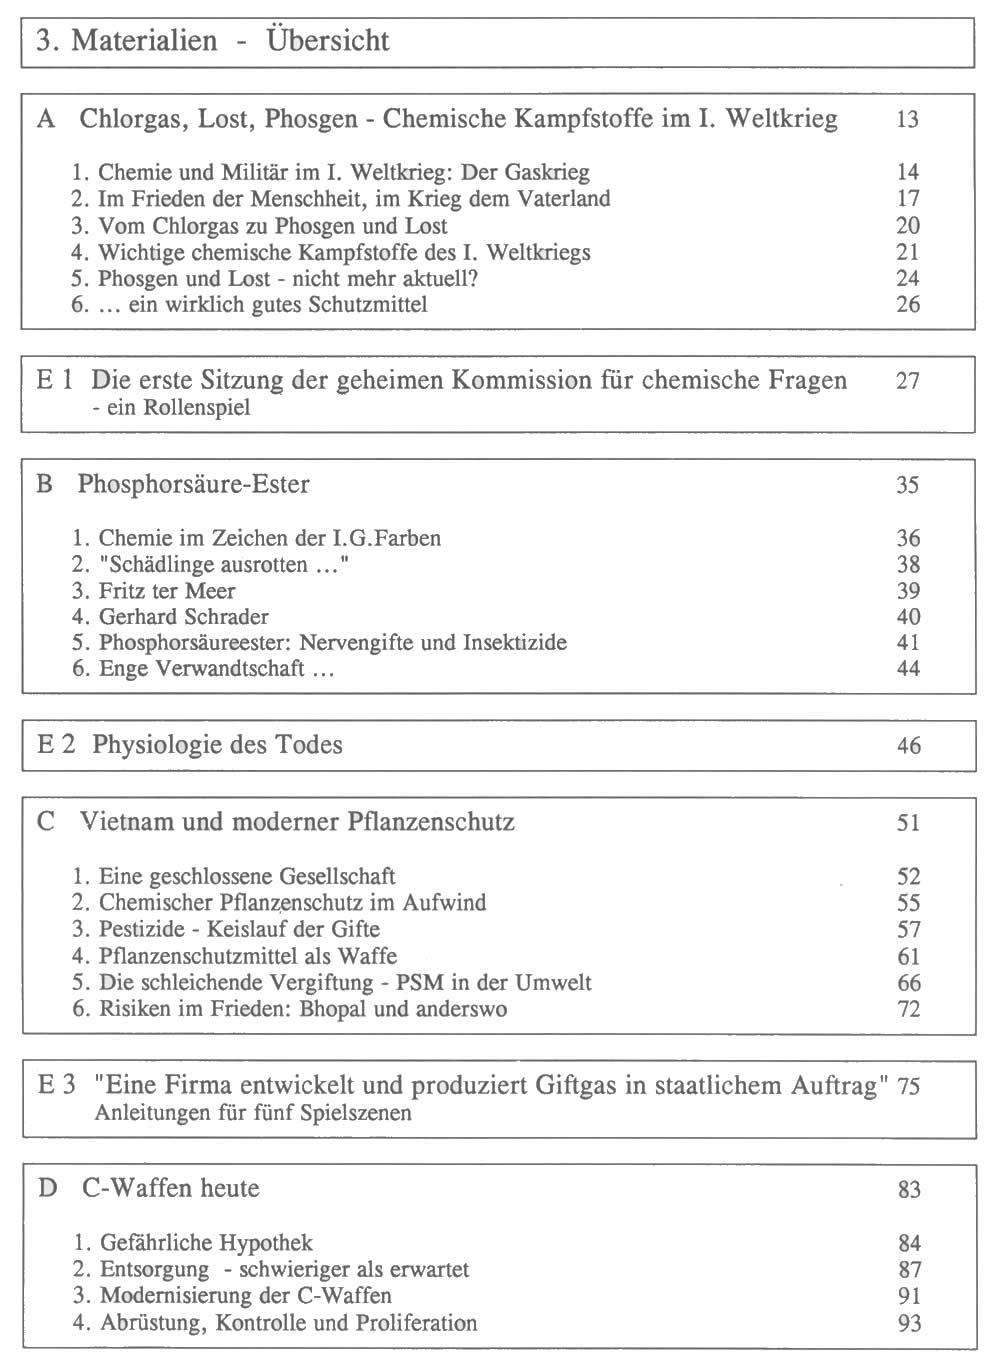 Agenda 21, Biozide:Chemische Waffen und Pflanzenschutzmittel ...